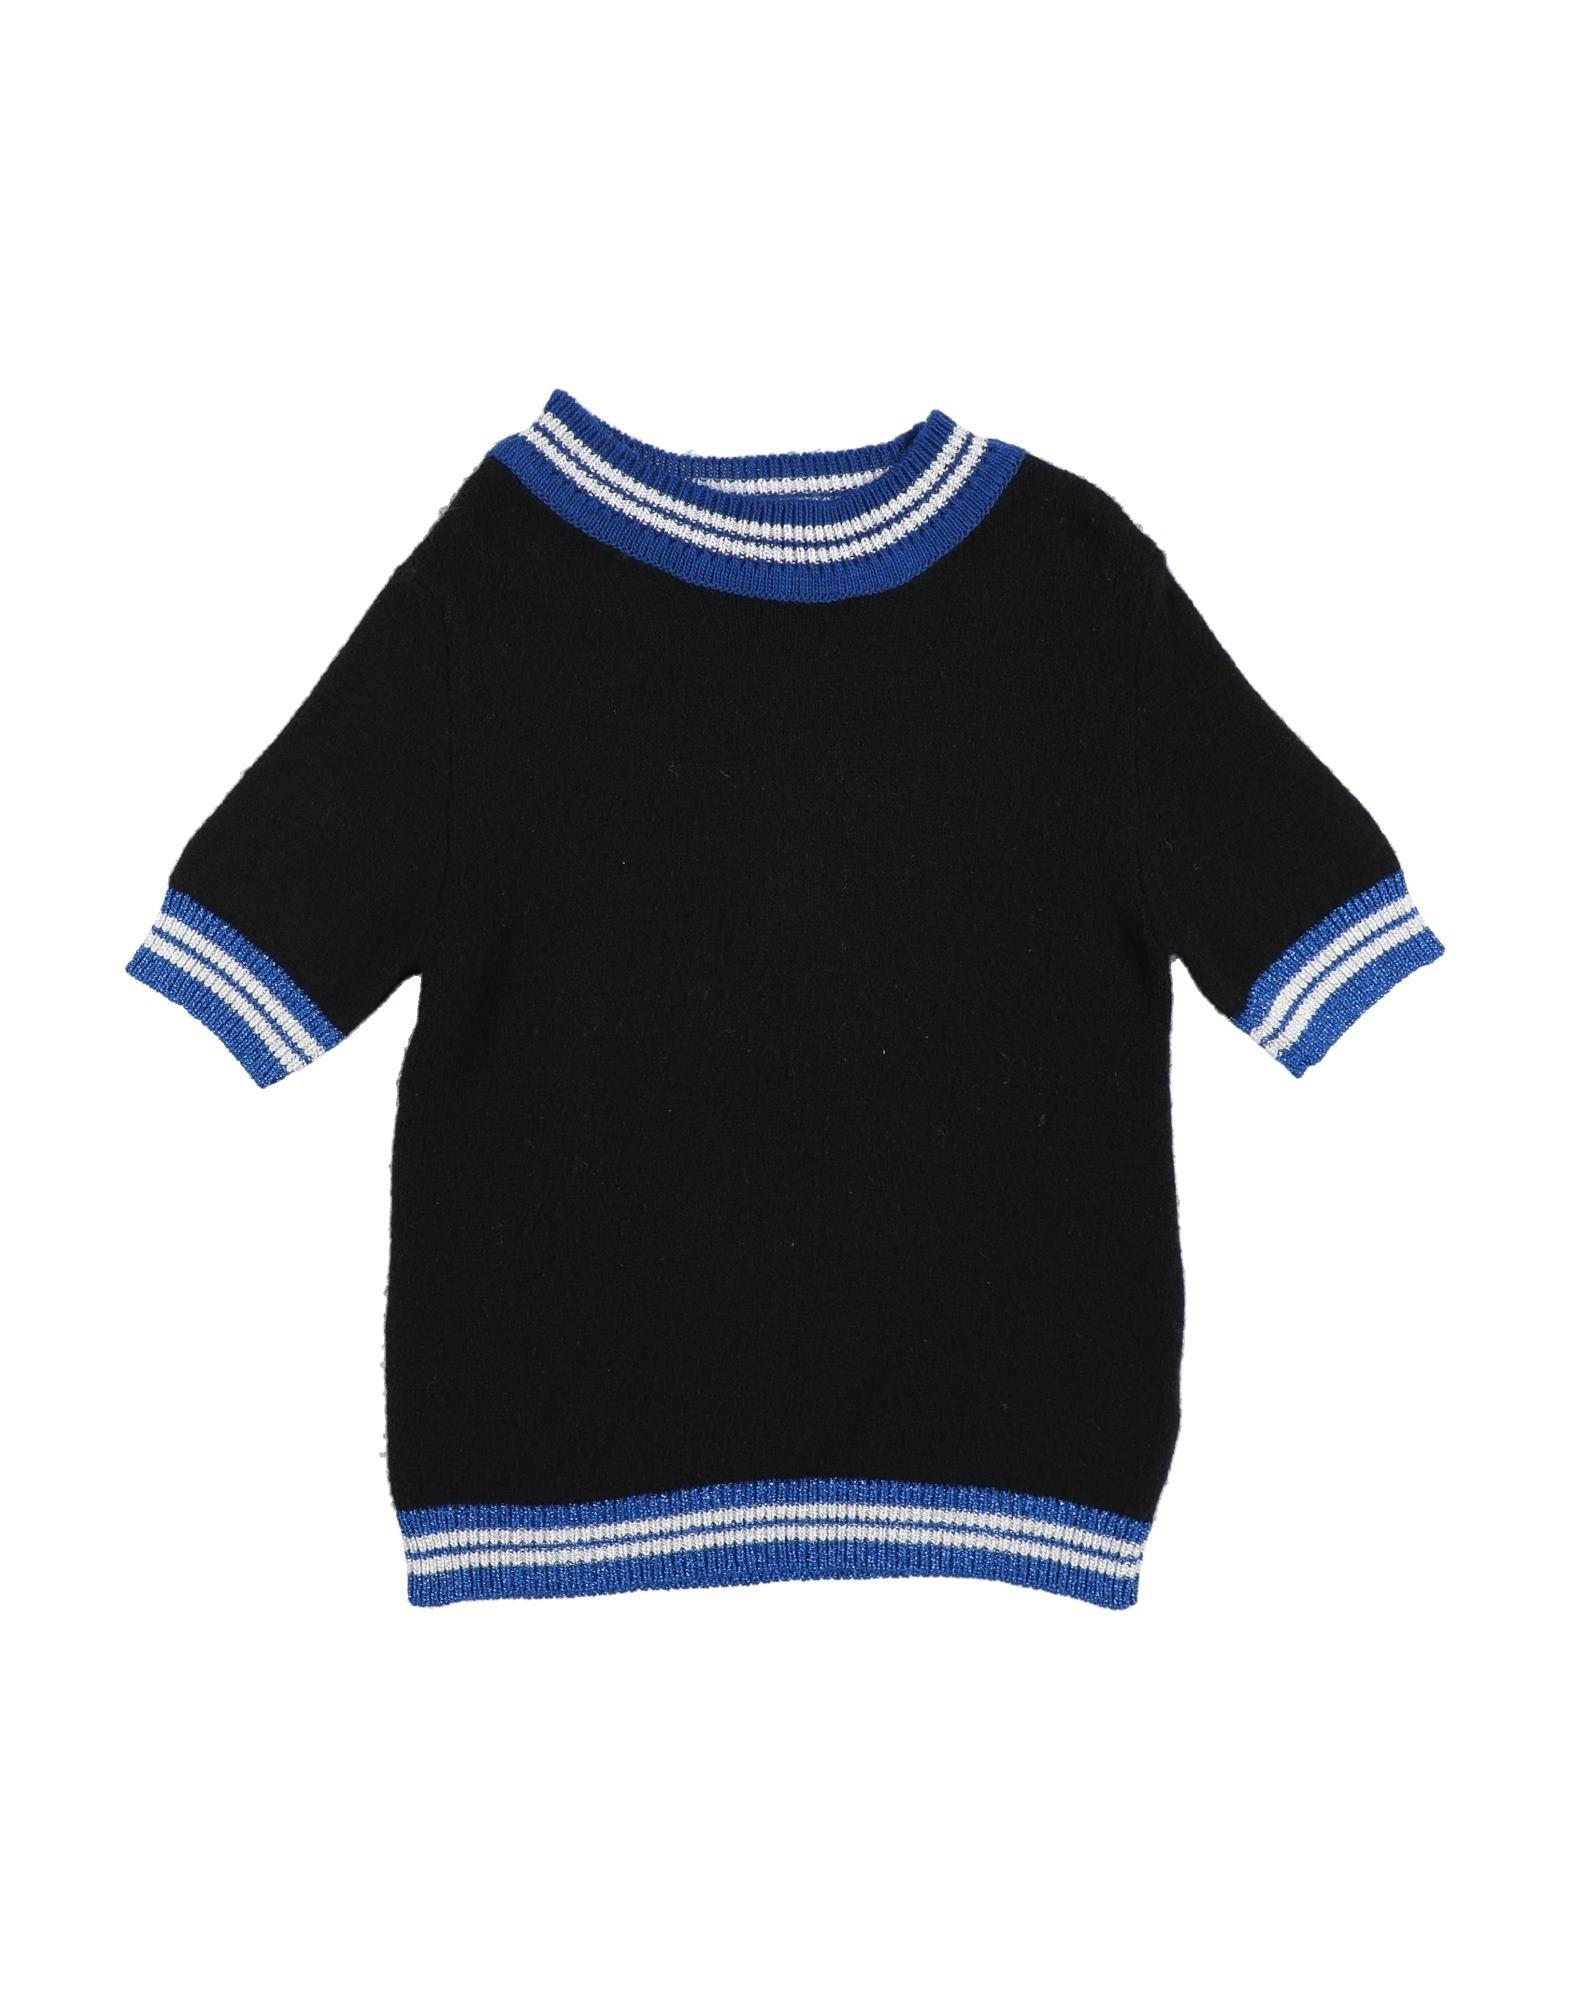 JIJIL JOLIE Sweaters - Item 14058206